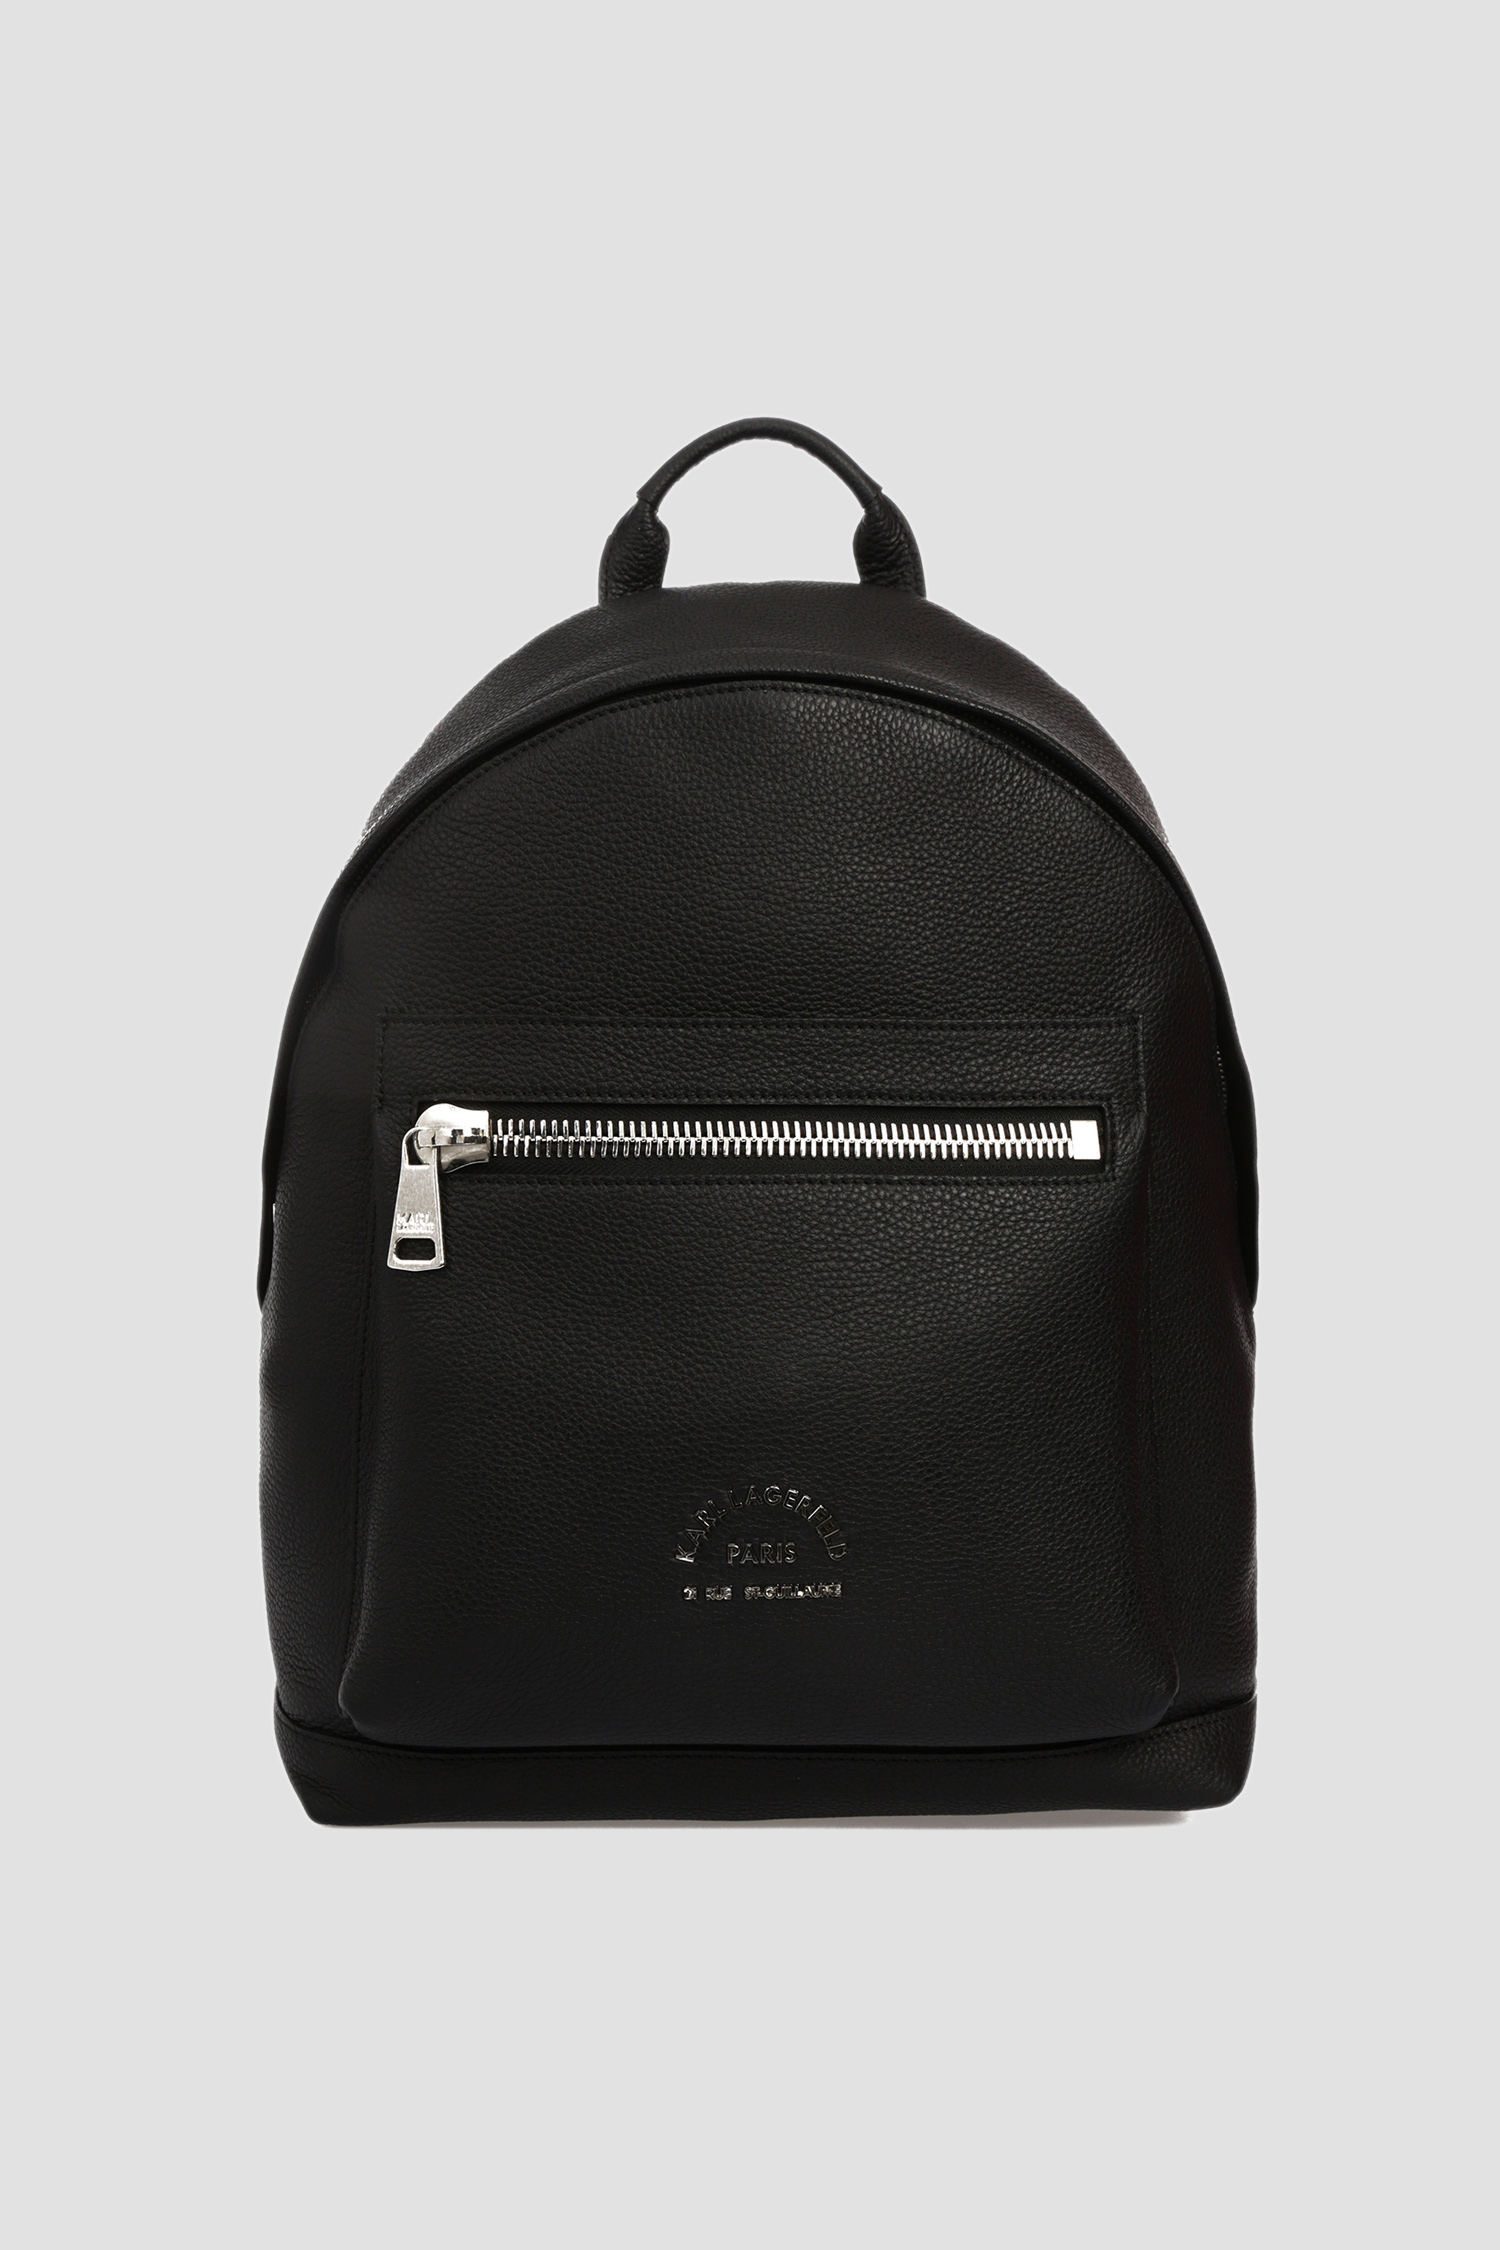 Чоловічий чорний шкіряний рюкзак Karl Lagerfeld 592451.815901;990